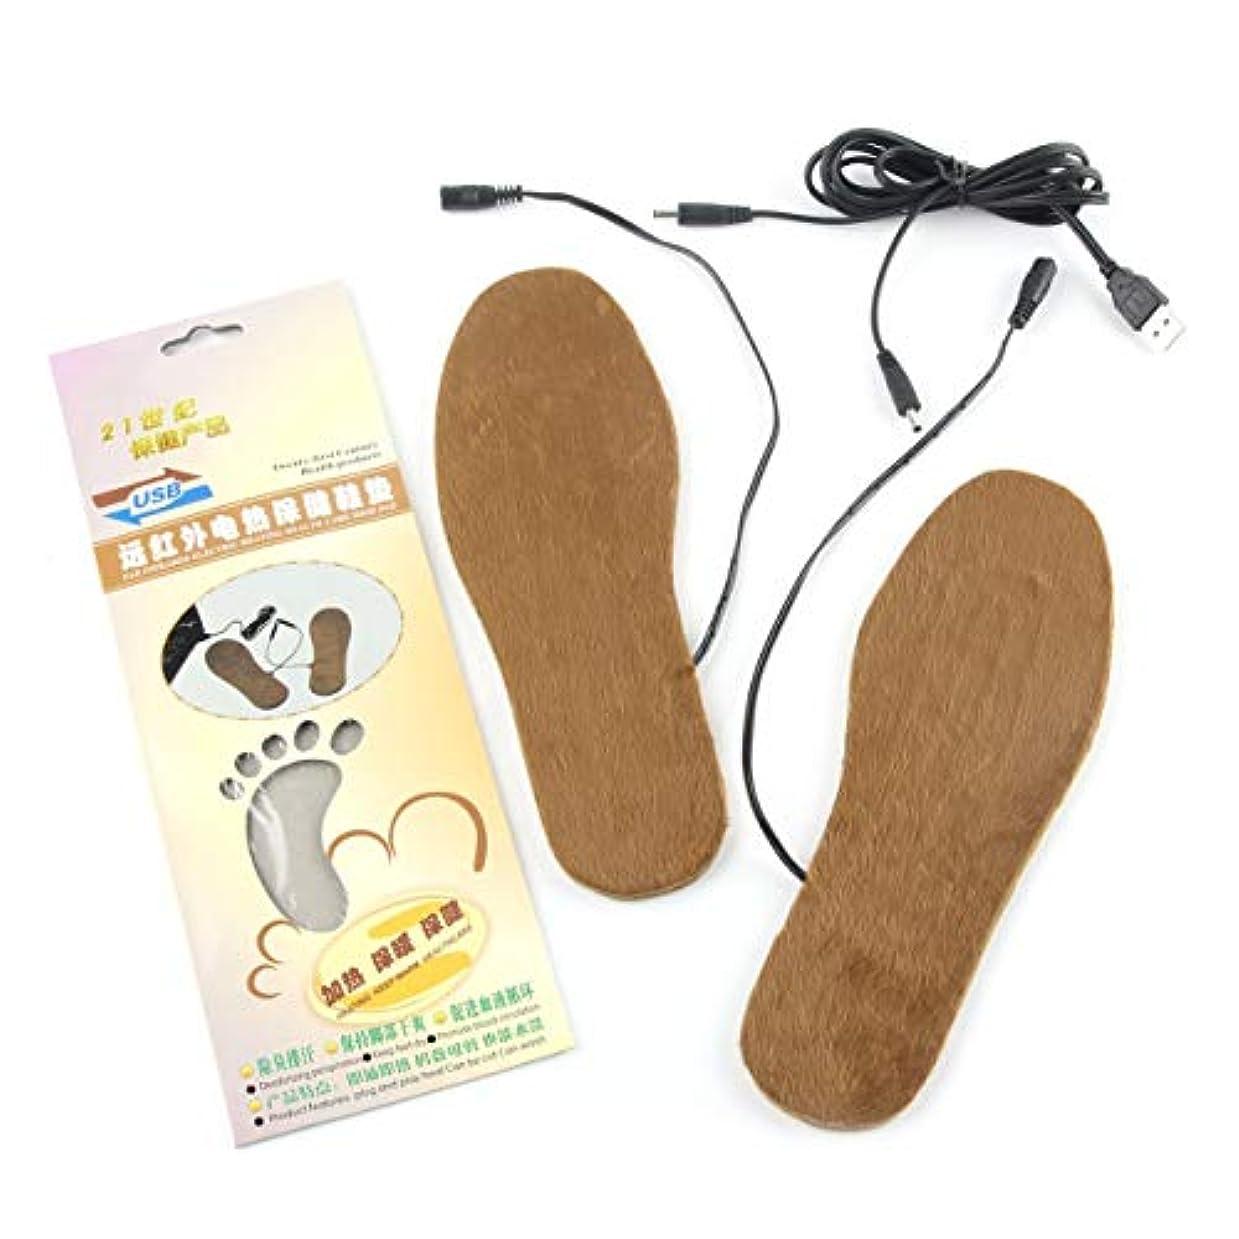 終了するシール膿瘍Saikogoods 1ペア切断可能冬のブーツインソールUSB温水フットウォーマーソフトシューズパッドクッション快適な靴のアクセサリー 淡い茶色 男性用